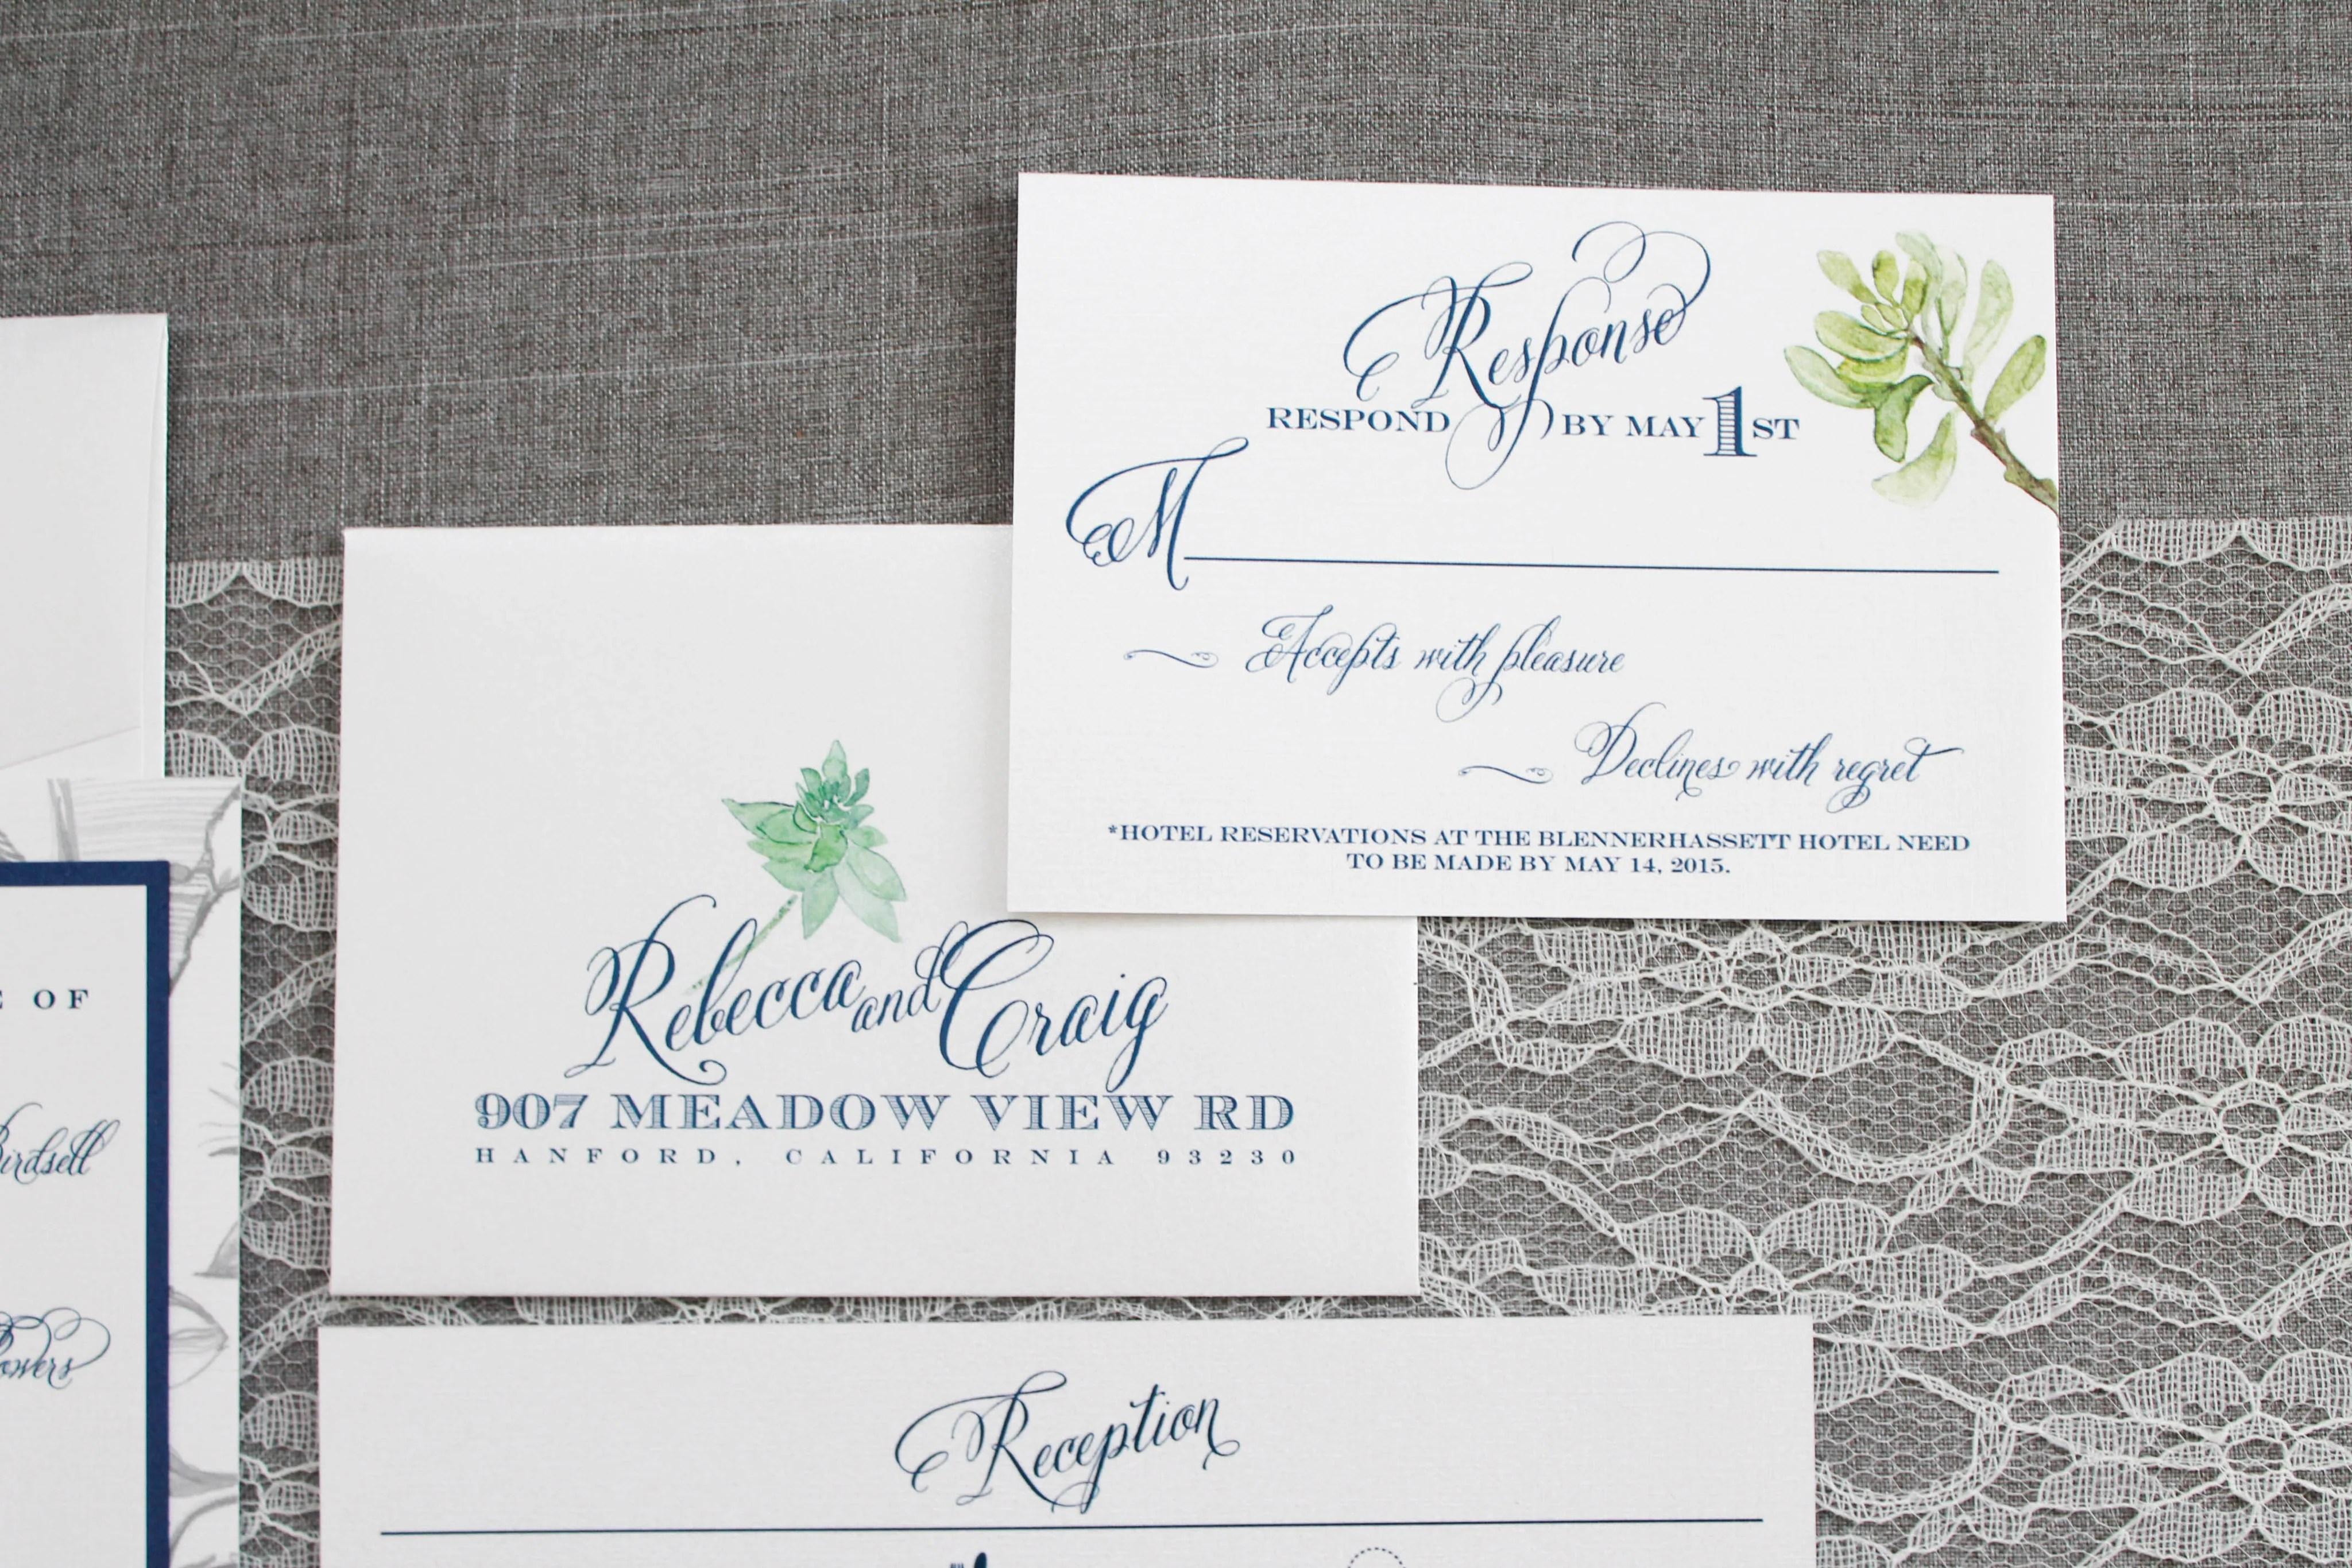 semi custom wedding invitations my bees knees succulent wedding invitations Navy and Sage Succulent Wedding Invitations